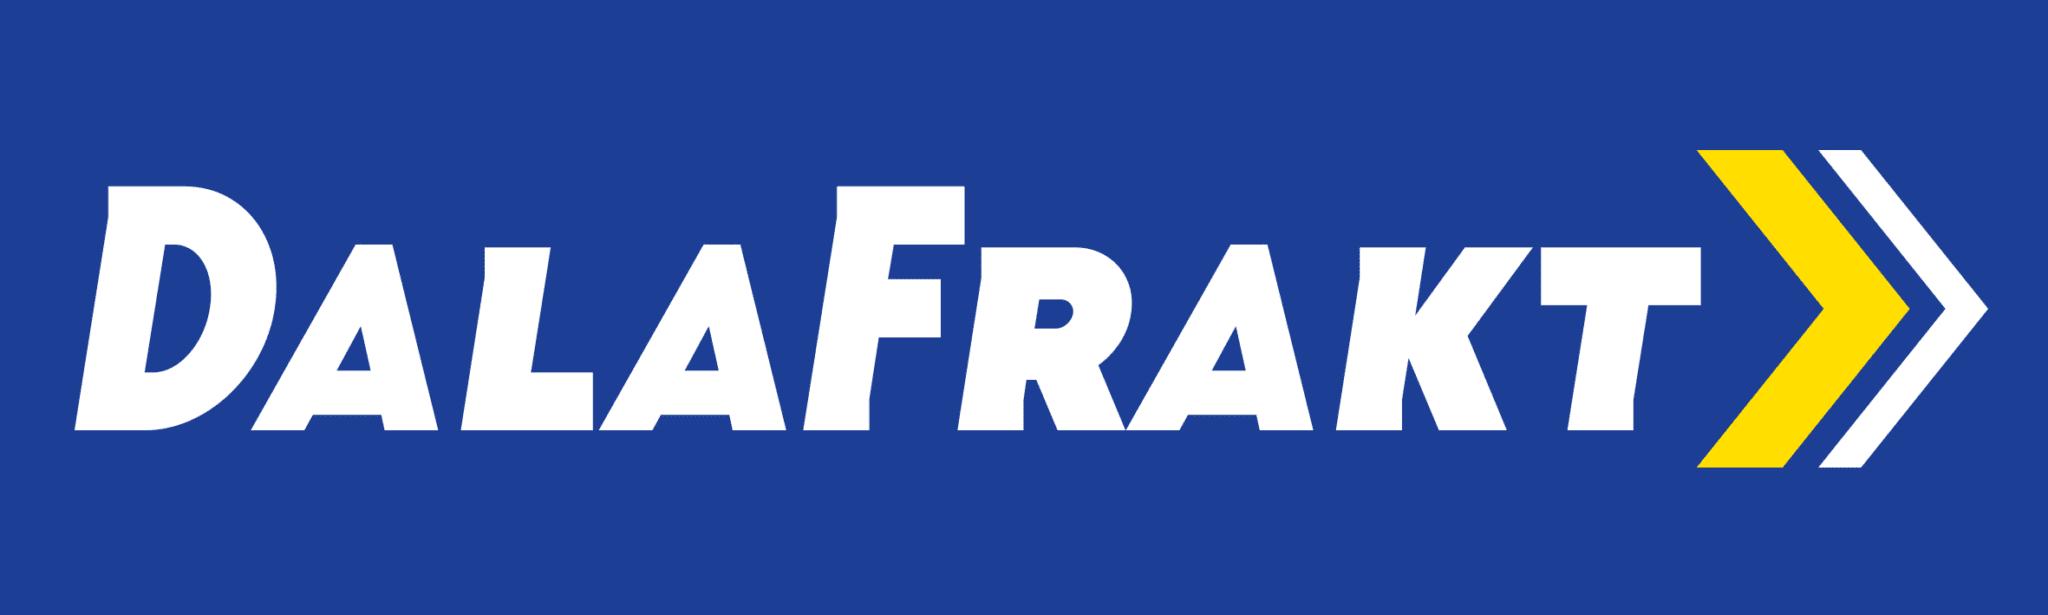 DalaFrakt, Dalarnas fraktbolag